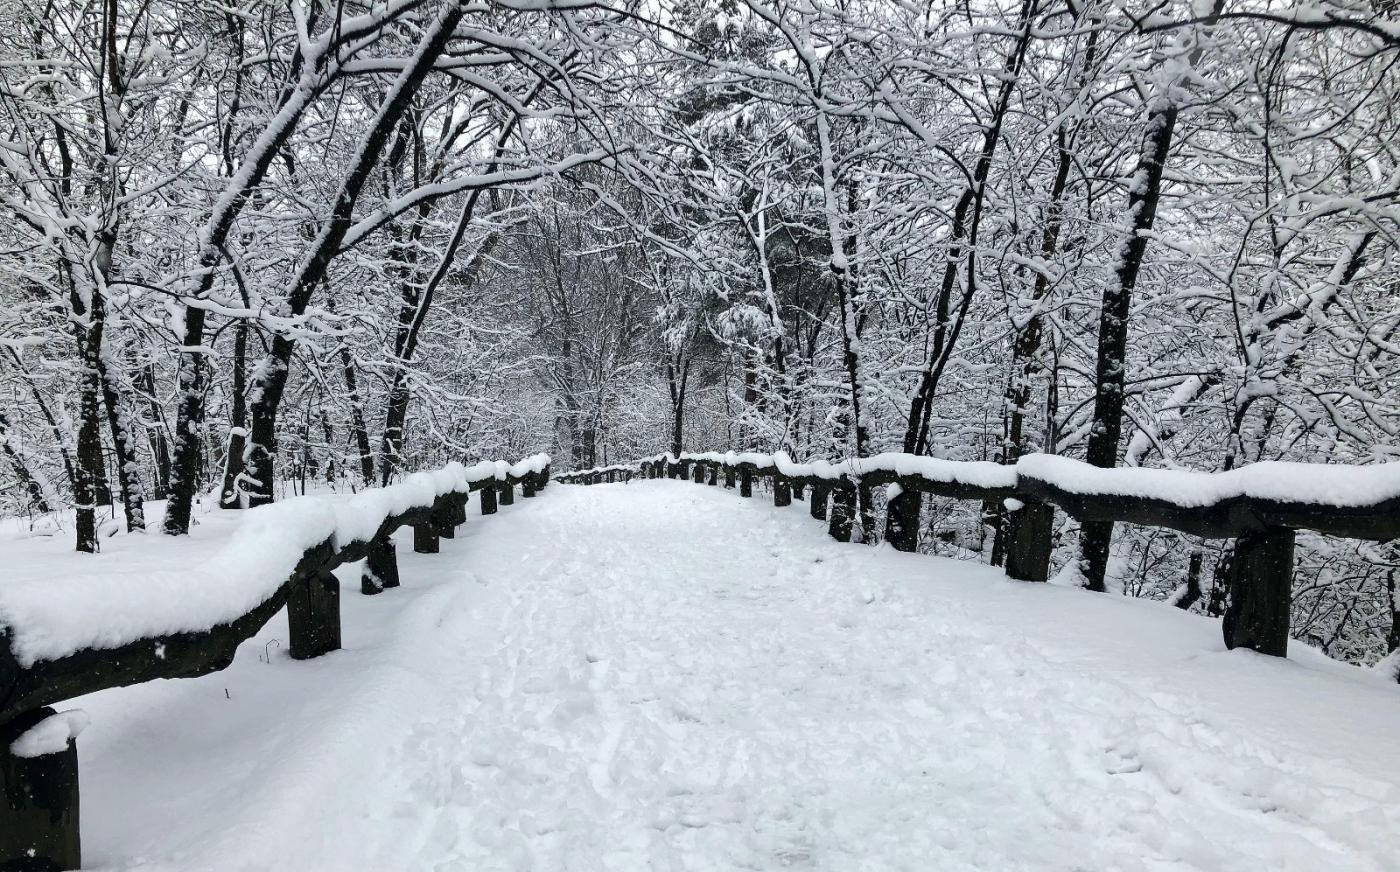 【田螺手机摄影】纽约雪景、还是中央公园最漂亮[二]_图1-28